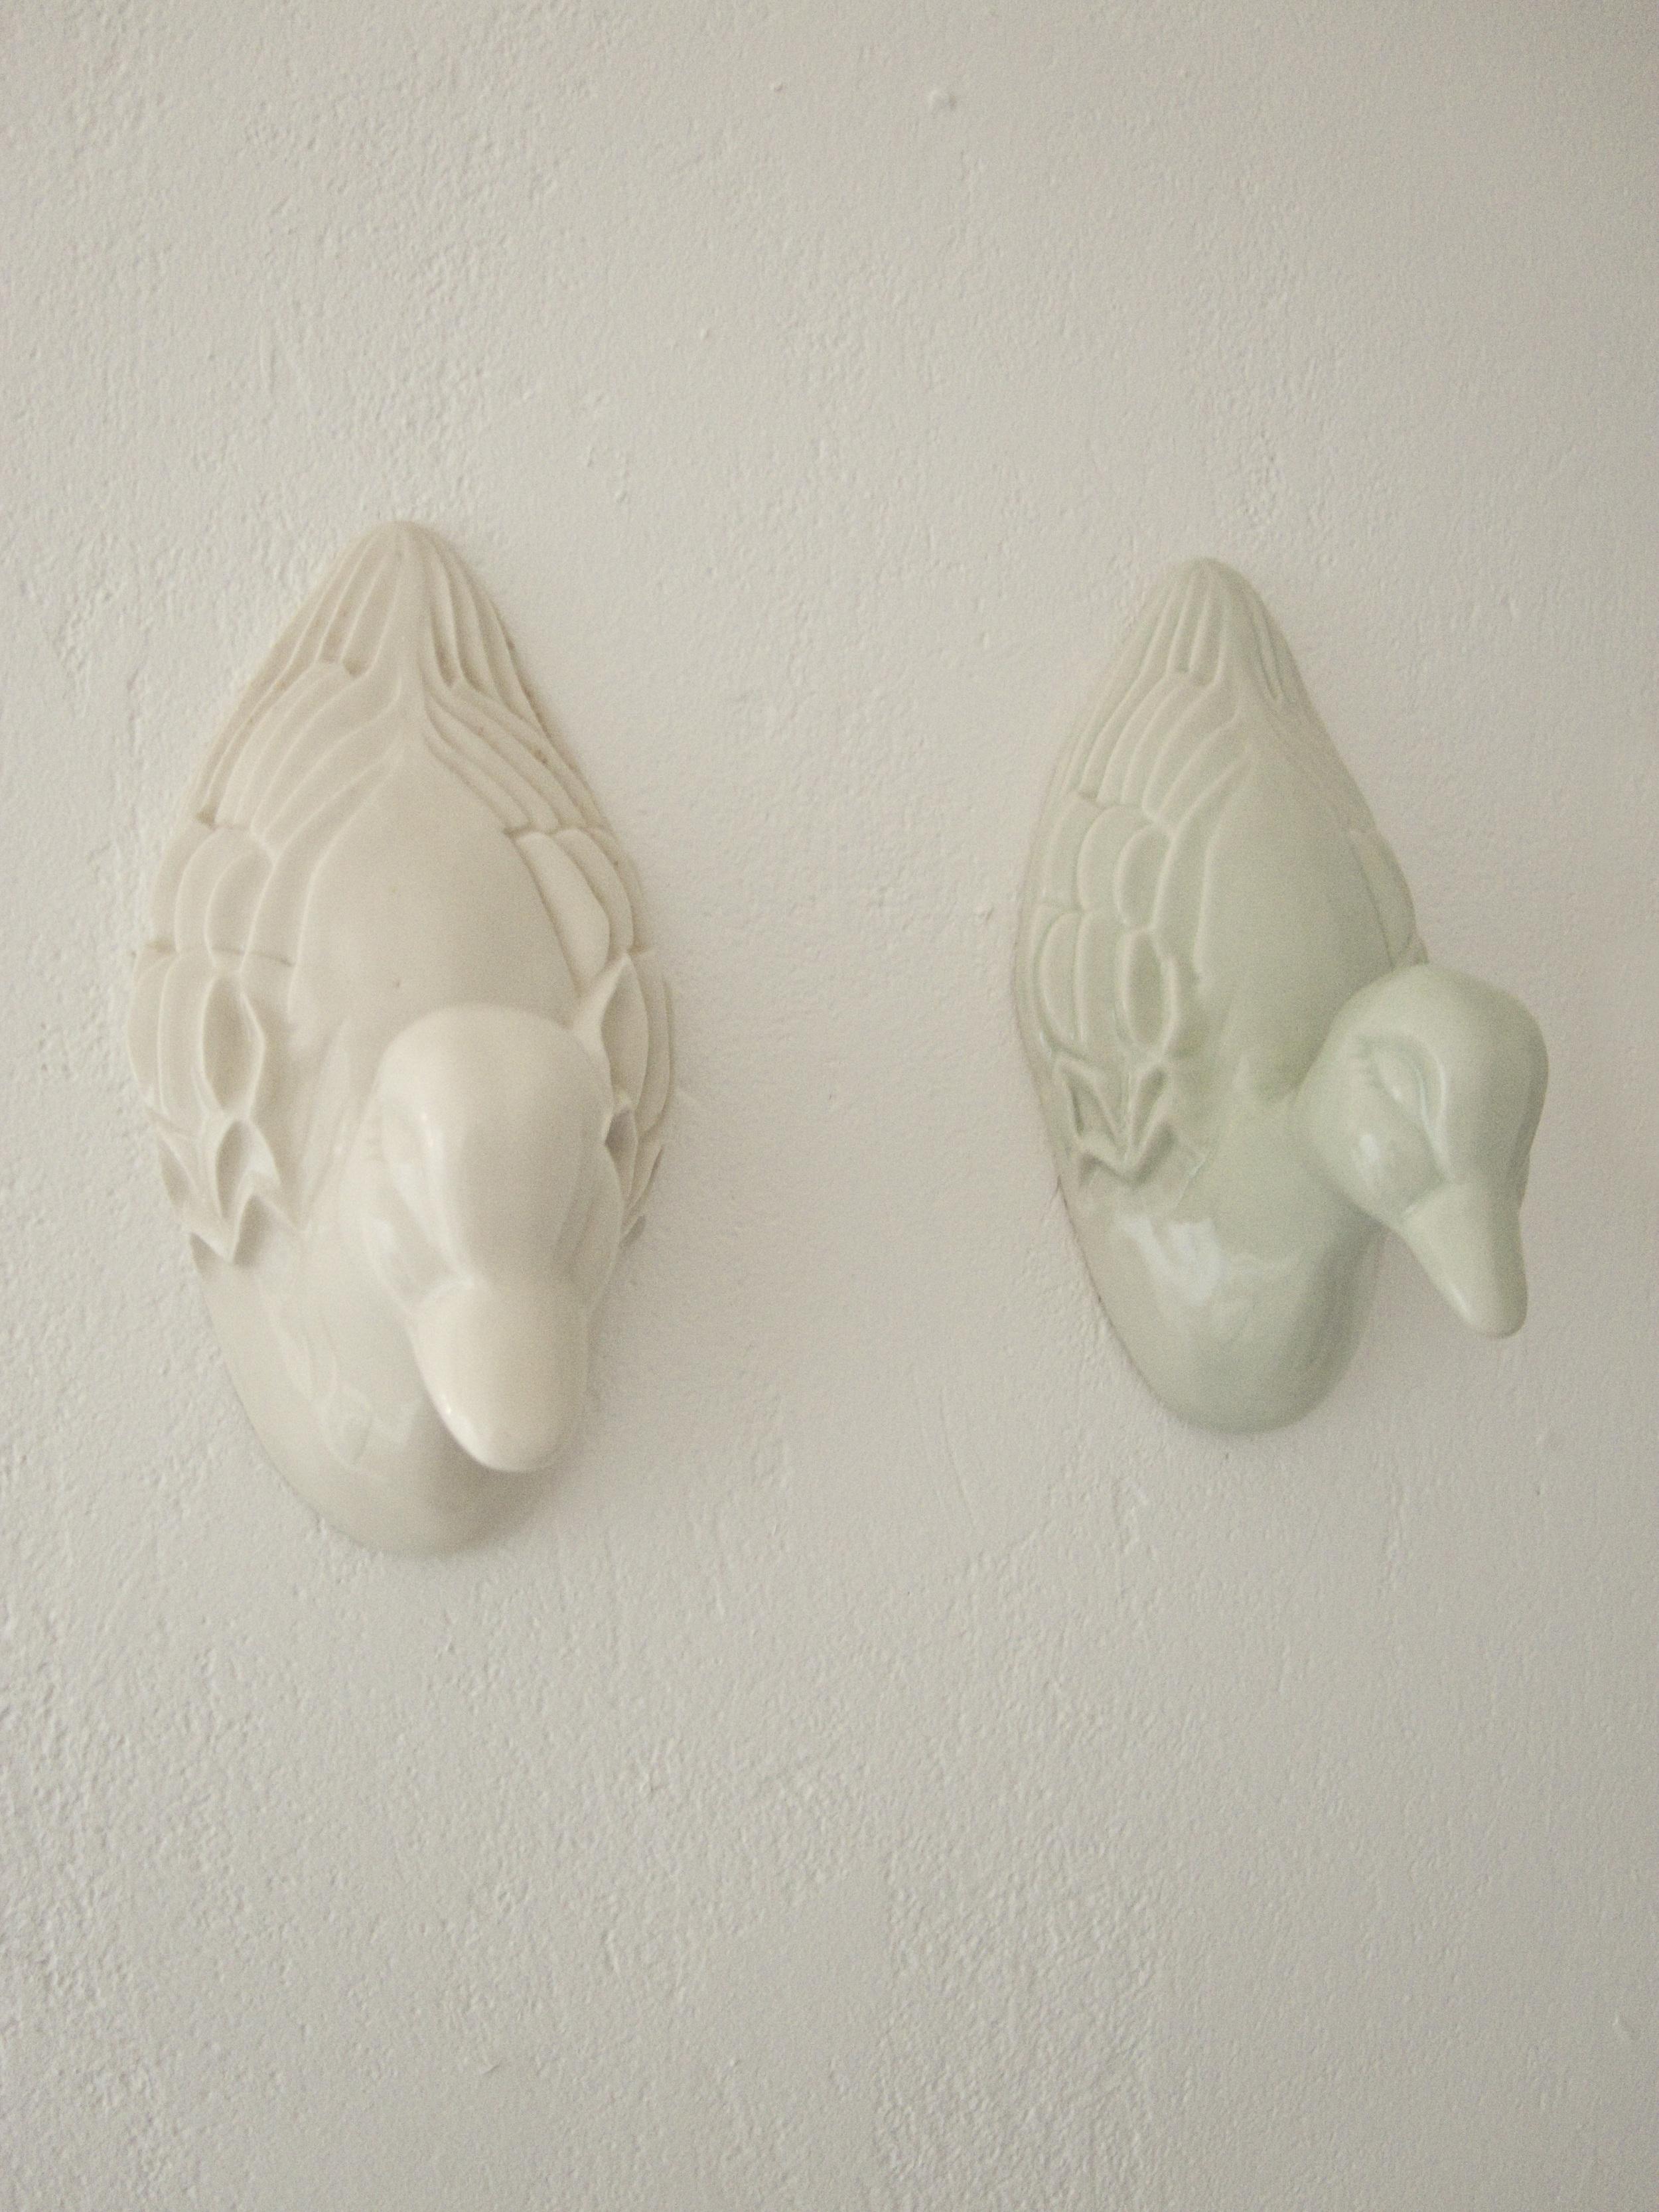 Celedon and White JOJO